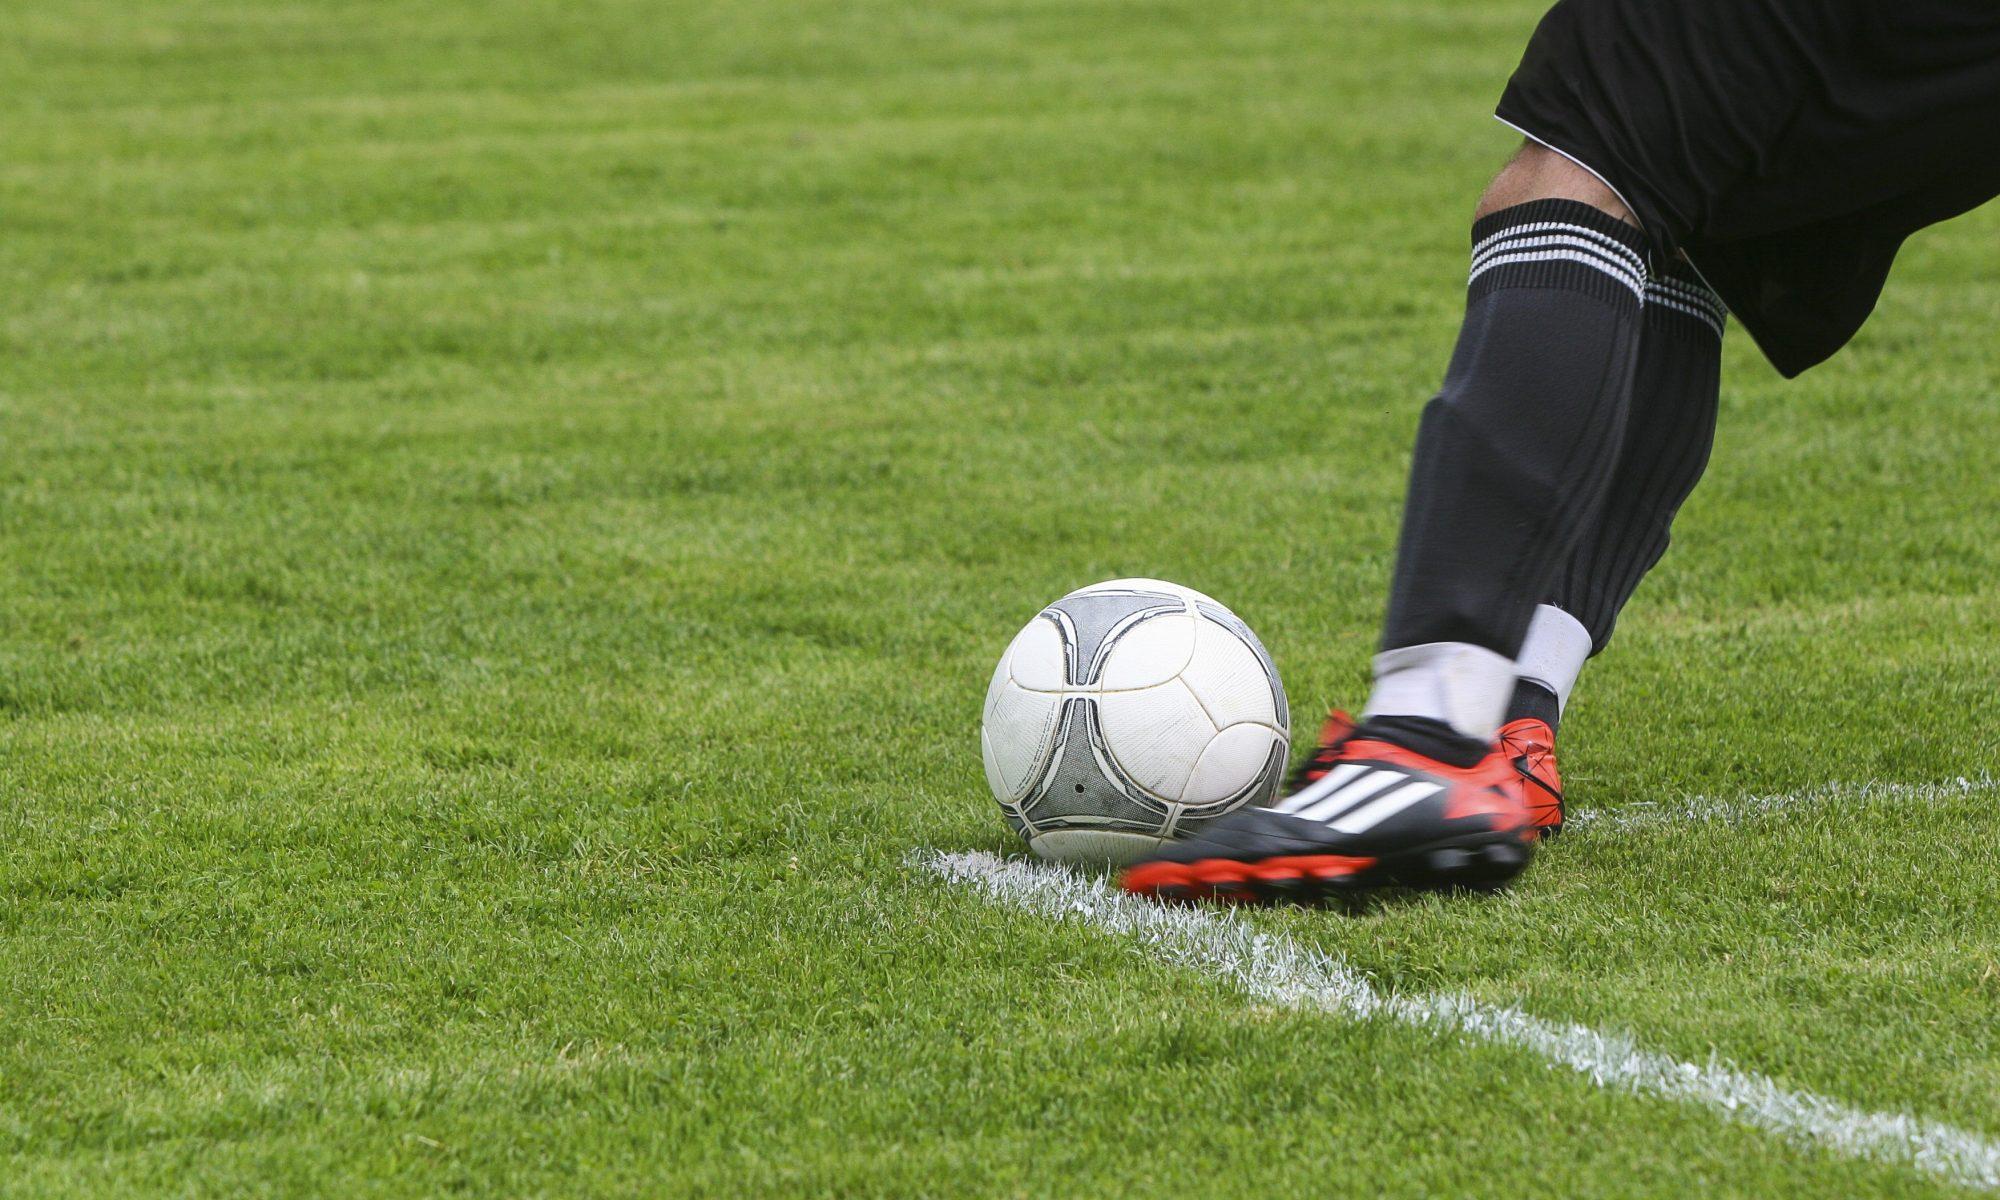 SV Schwarz-Weiß Fahrland 2018 e.V.